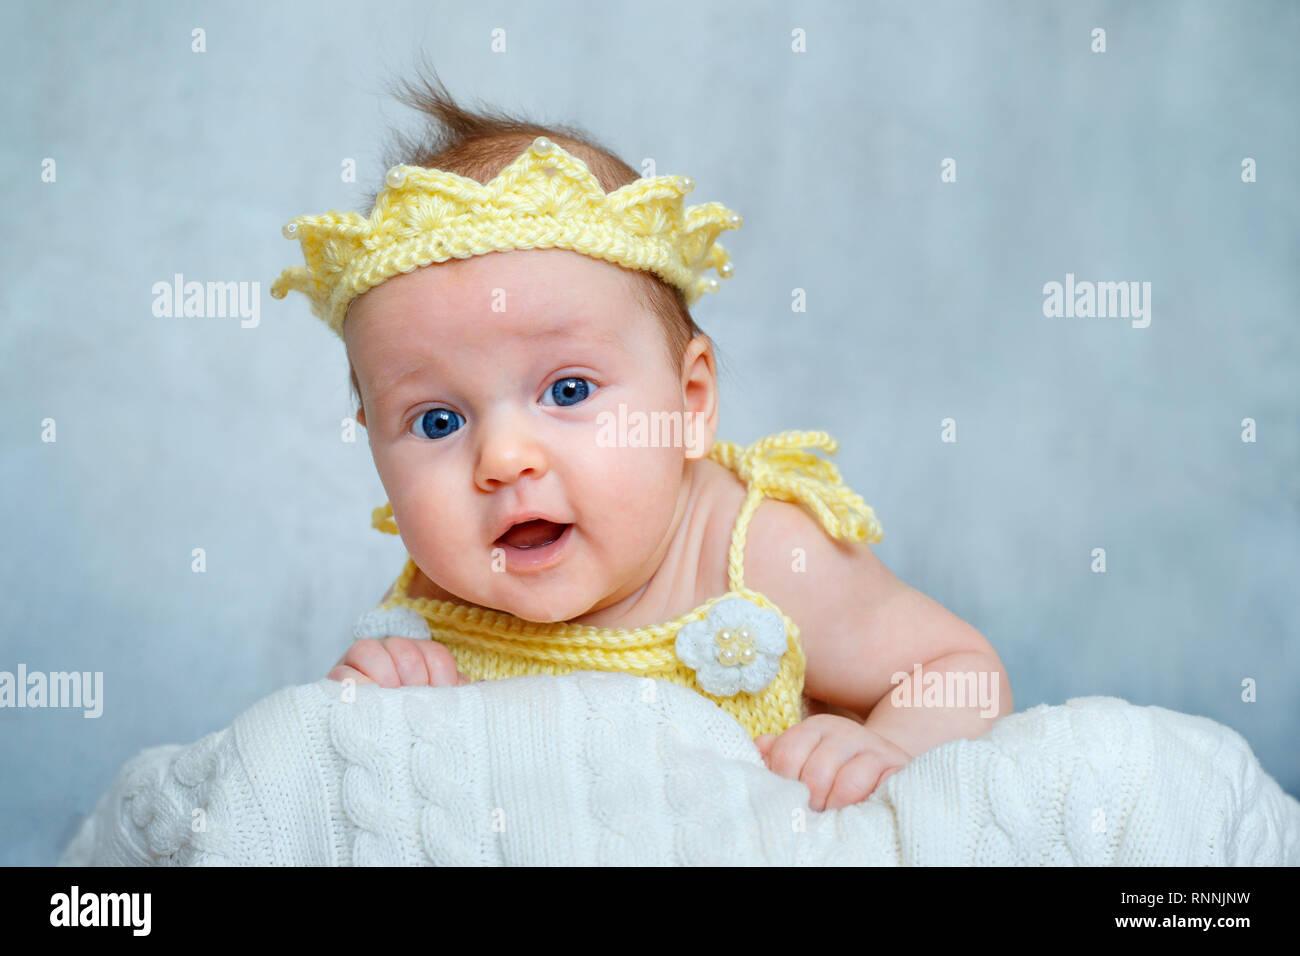 Retrato de un lindo bebé niña en amarillo corona tejida tumbado sobre su  estómago Imagen De 4661701e2e4